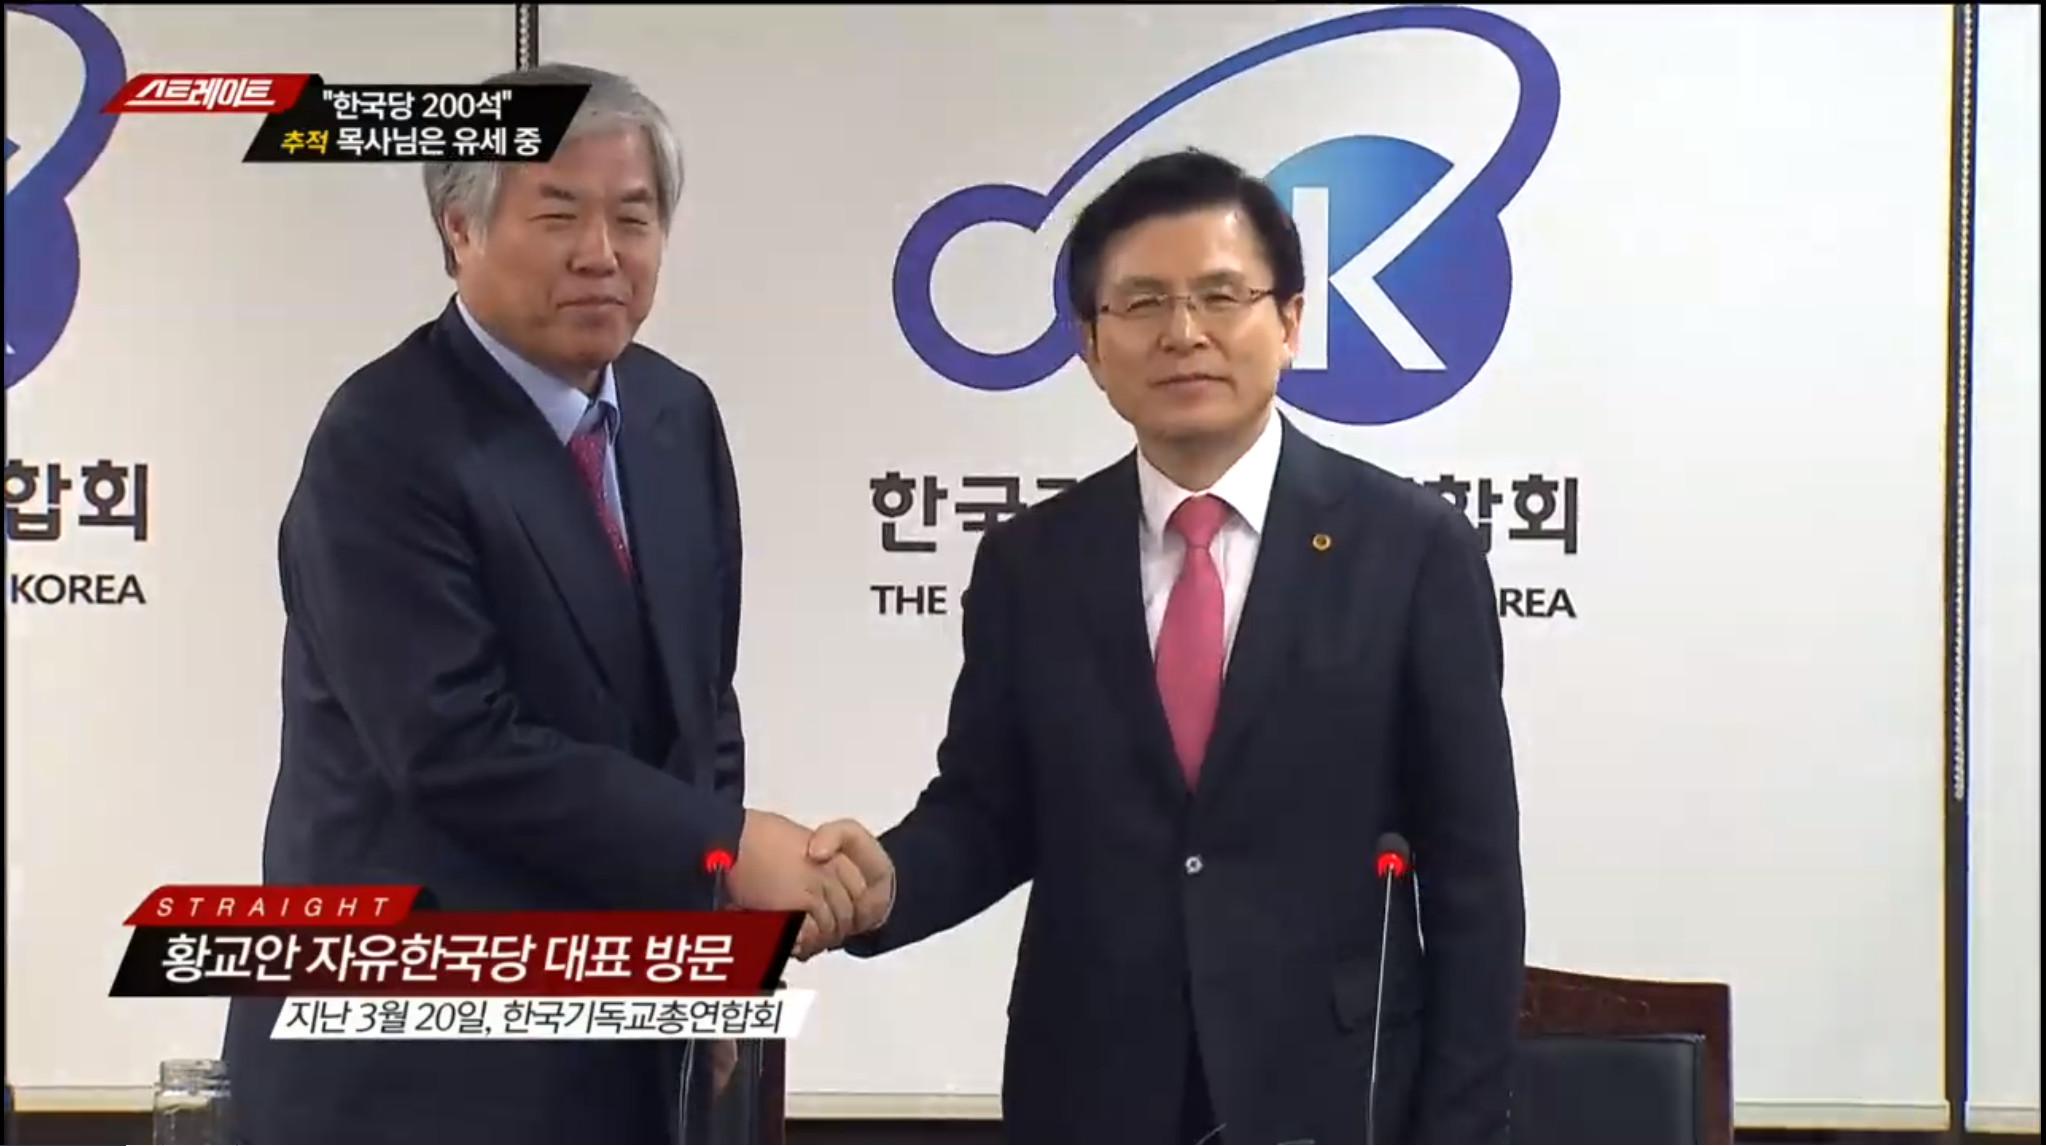 [종합] 전광훈 목사, ''황교안은 하나님이 준비해주신 분, 장관 제의 거절'' 파문